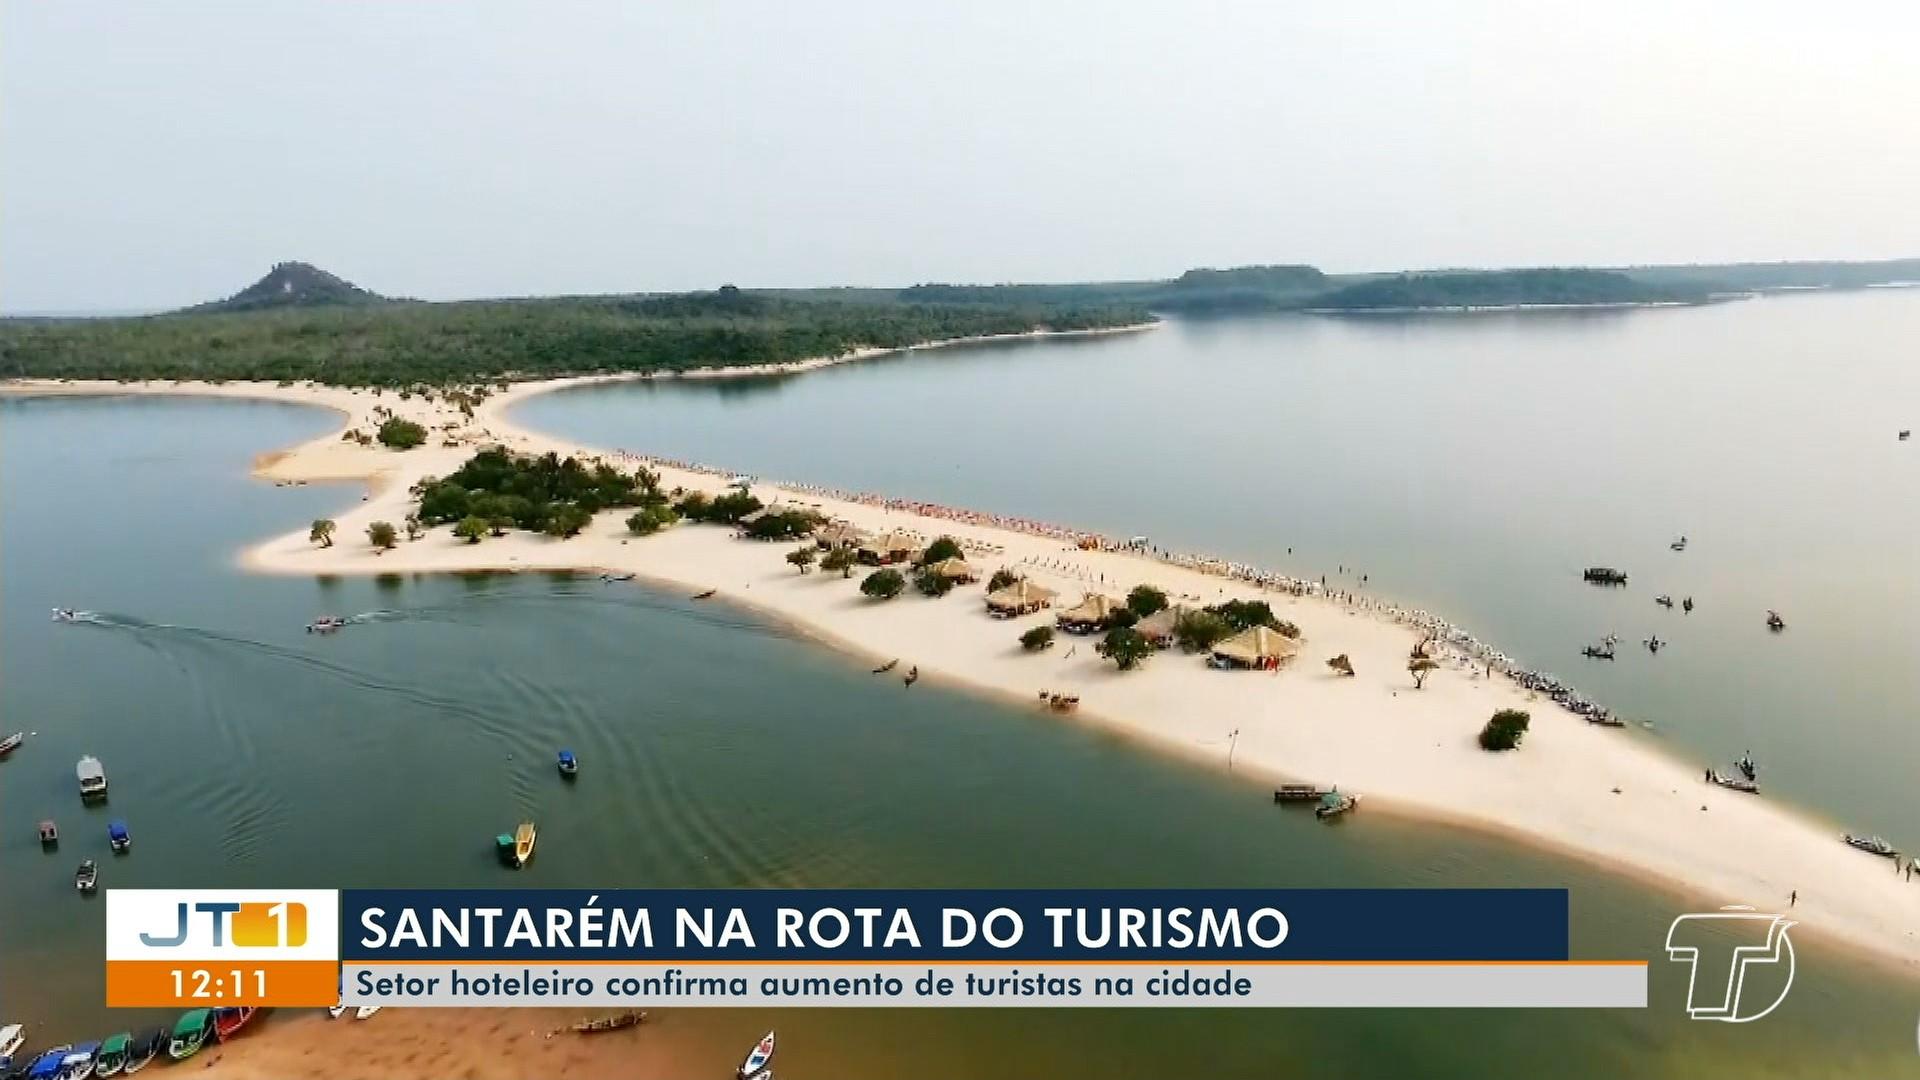 Maior procura por Santarém como destino turístico em 2019 anima operadores do turismo